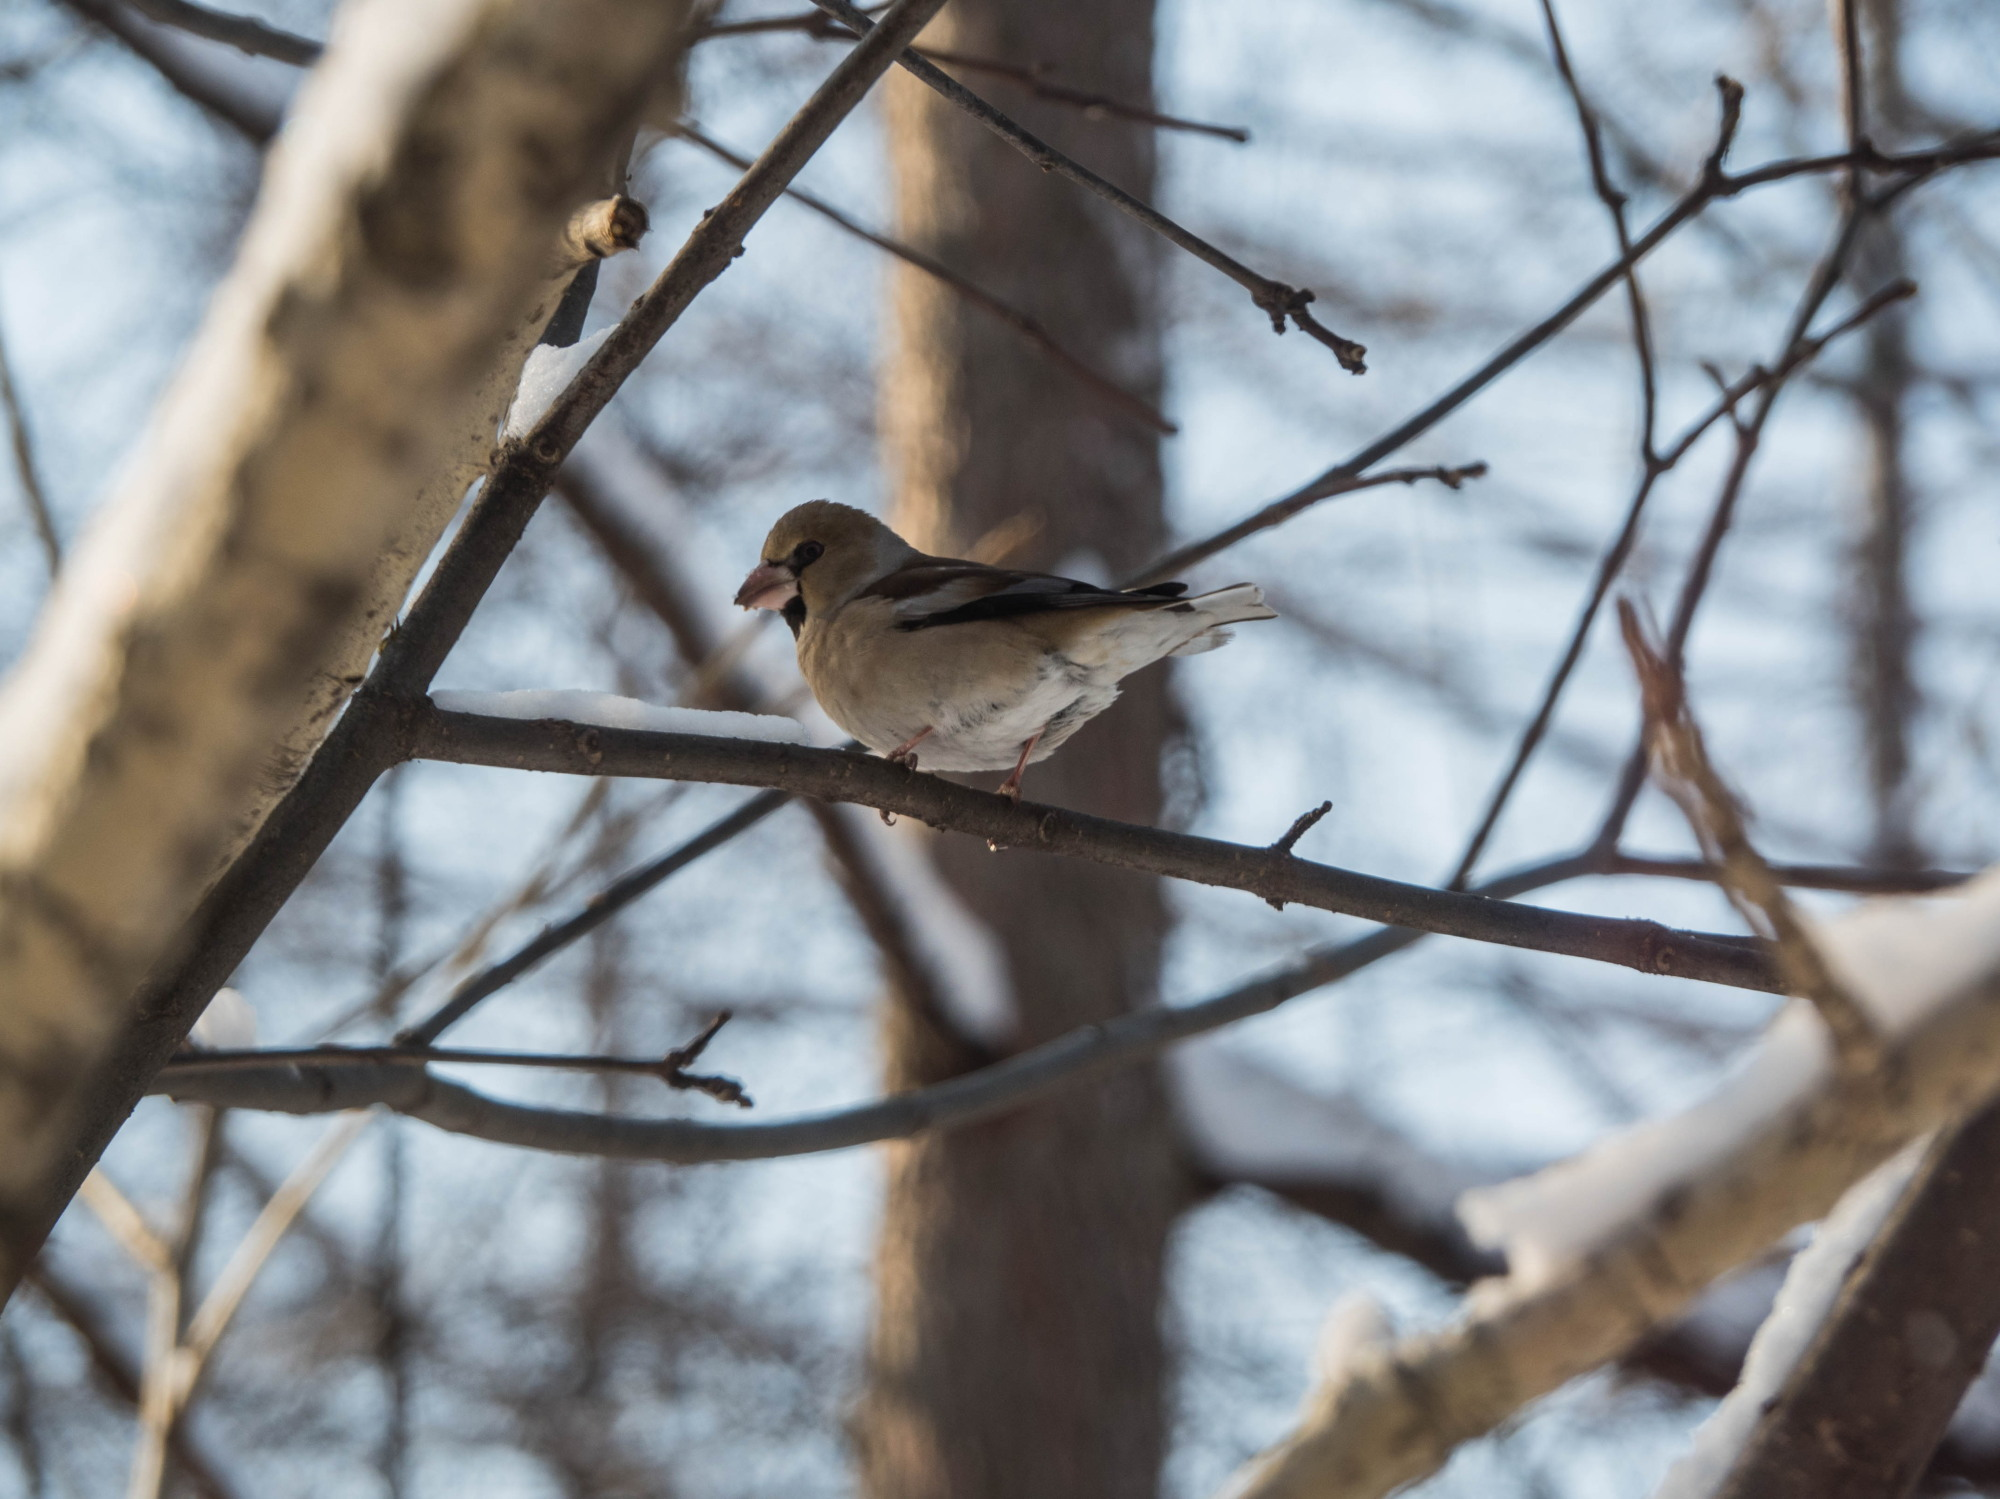 野鳥の群れに・・エゾリス君、カラマツの木の枝で固まる!_f0276498_17002100.jpg